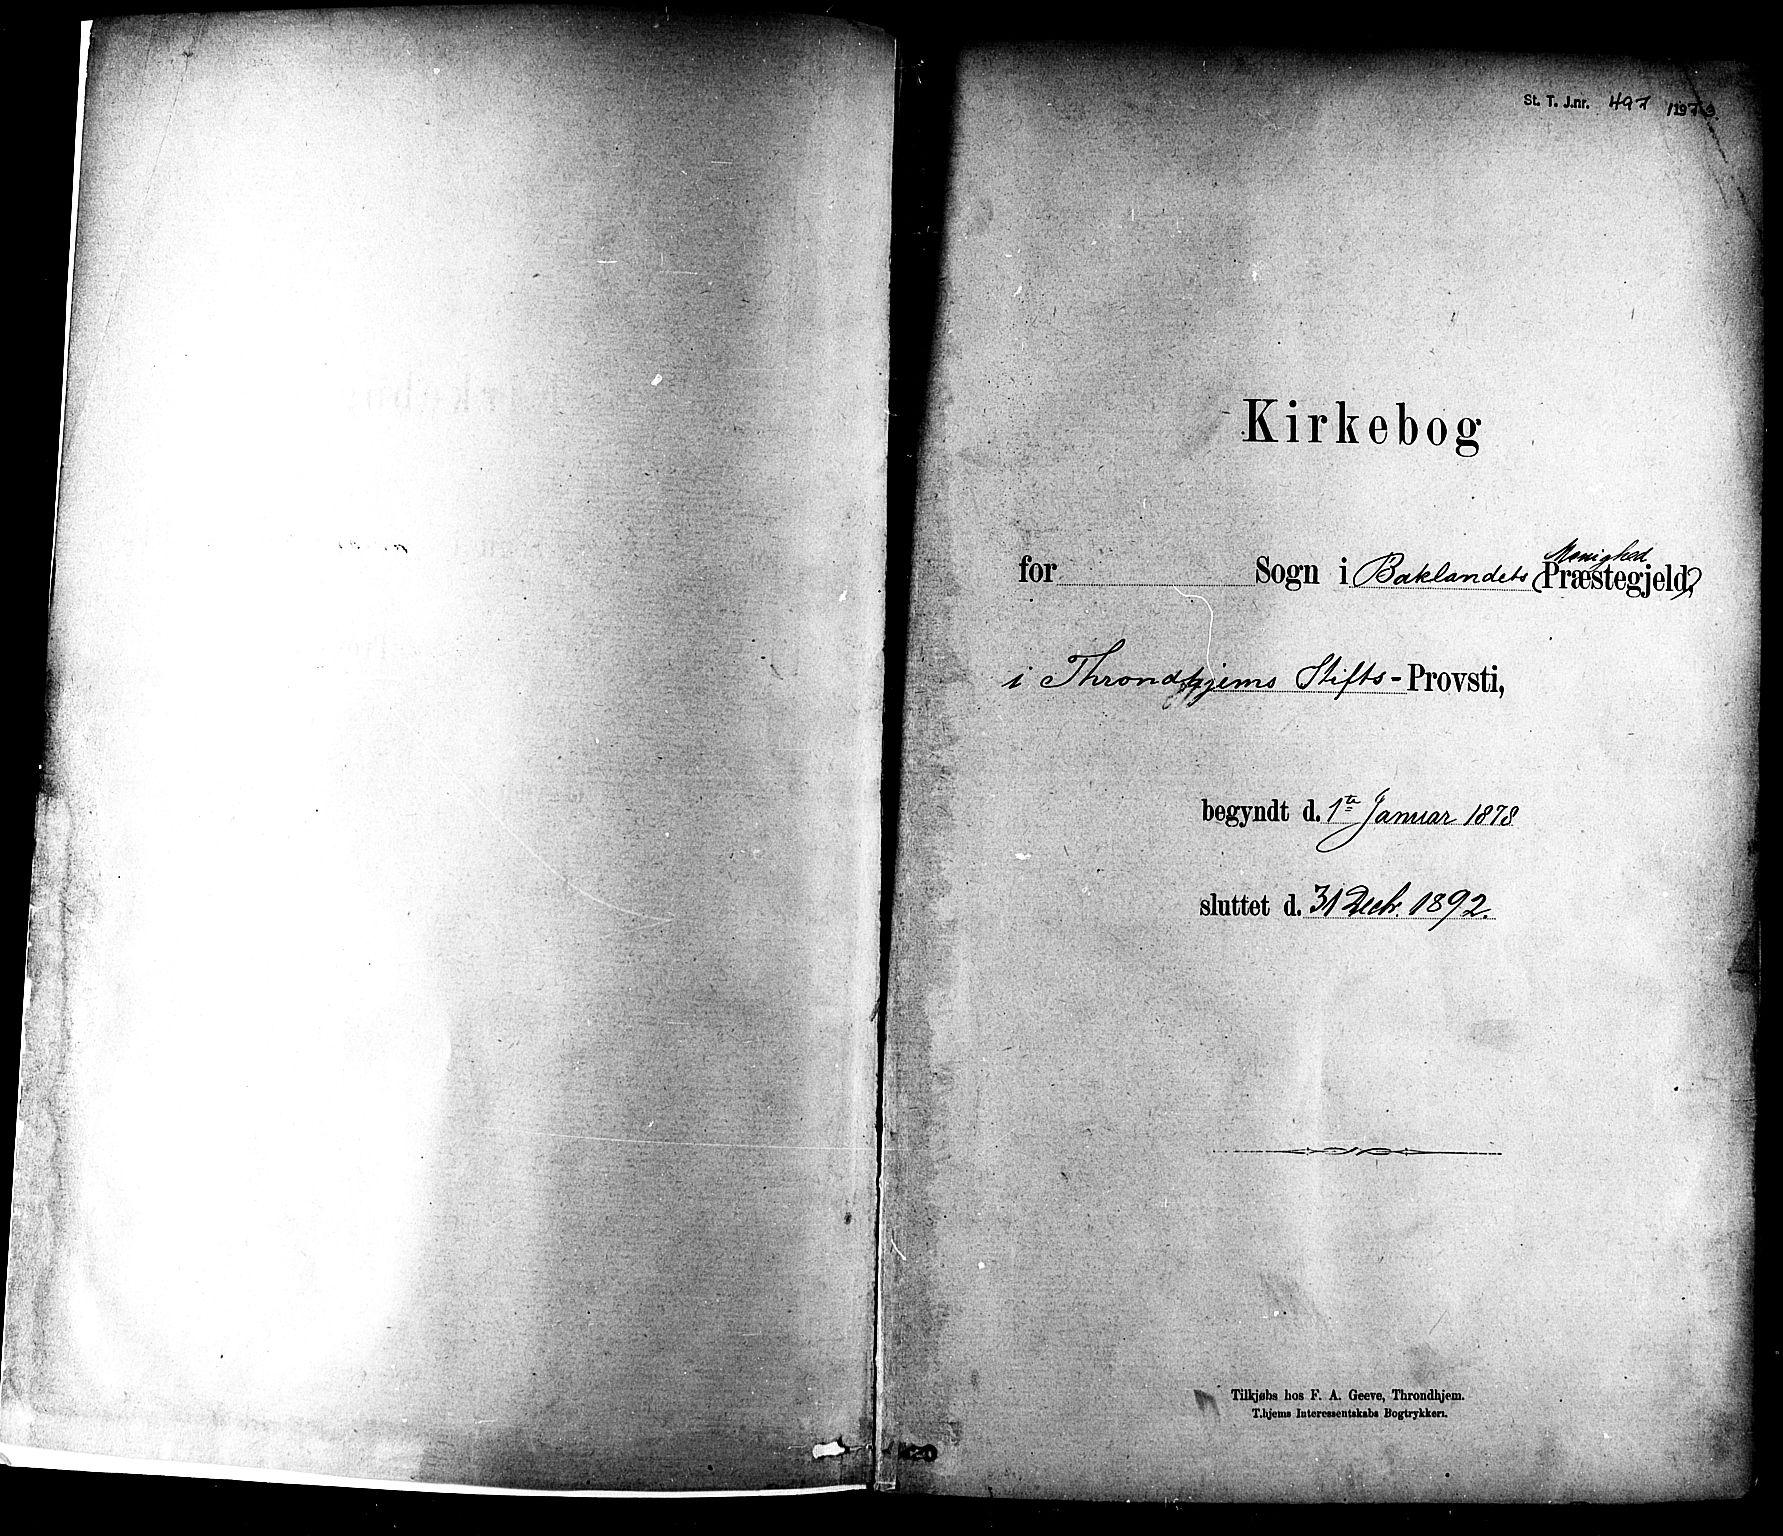 SAT, Ministerialprotokoller, klokkerbøker og fødselsregistre - Sør-Trøndelag, 604/L0188: Ministerialbok nr. 604A09, 1878-1892